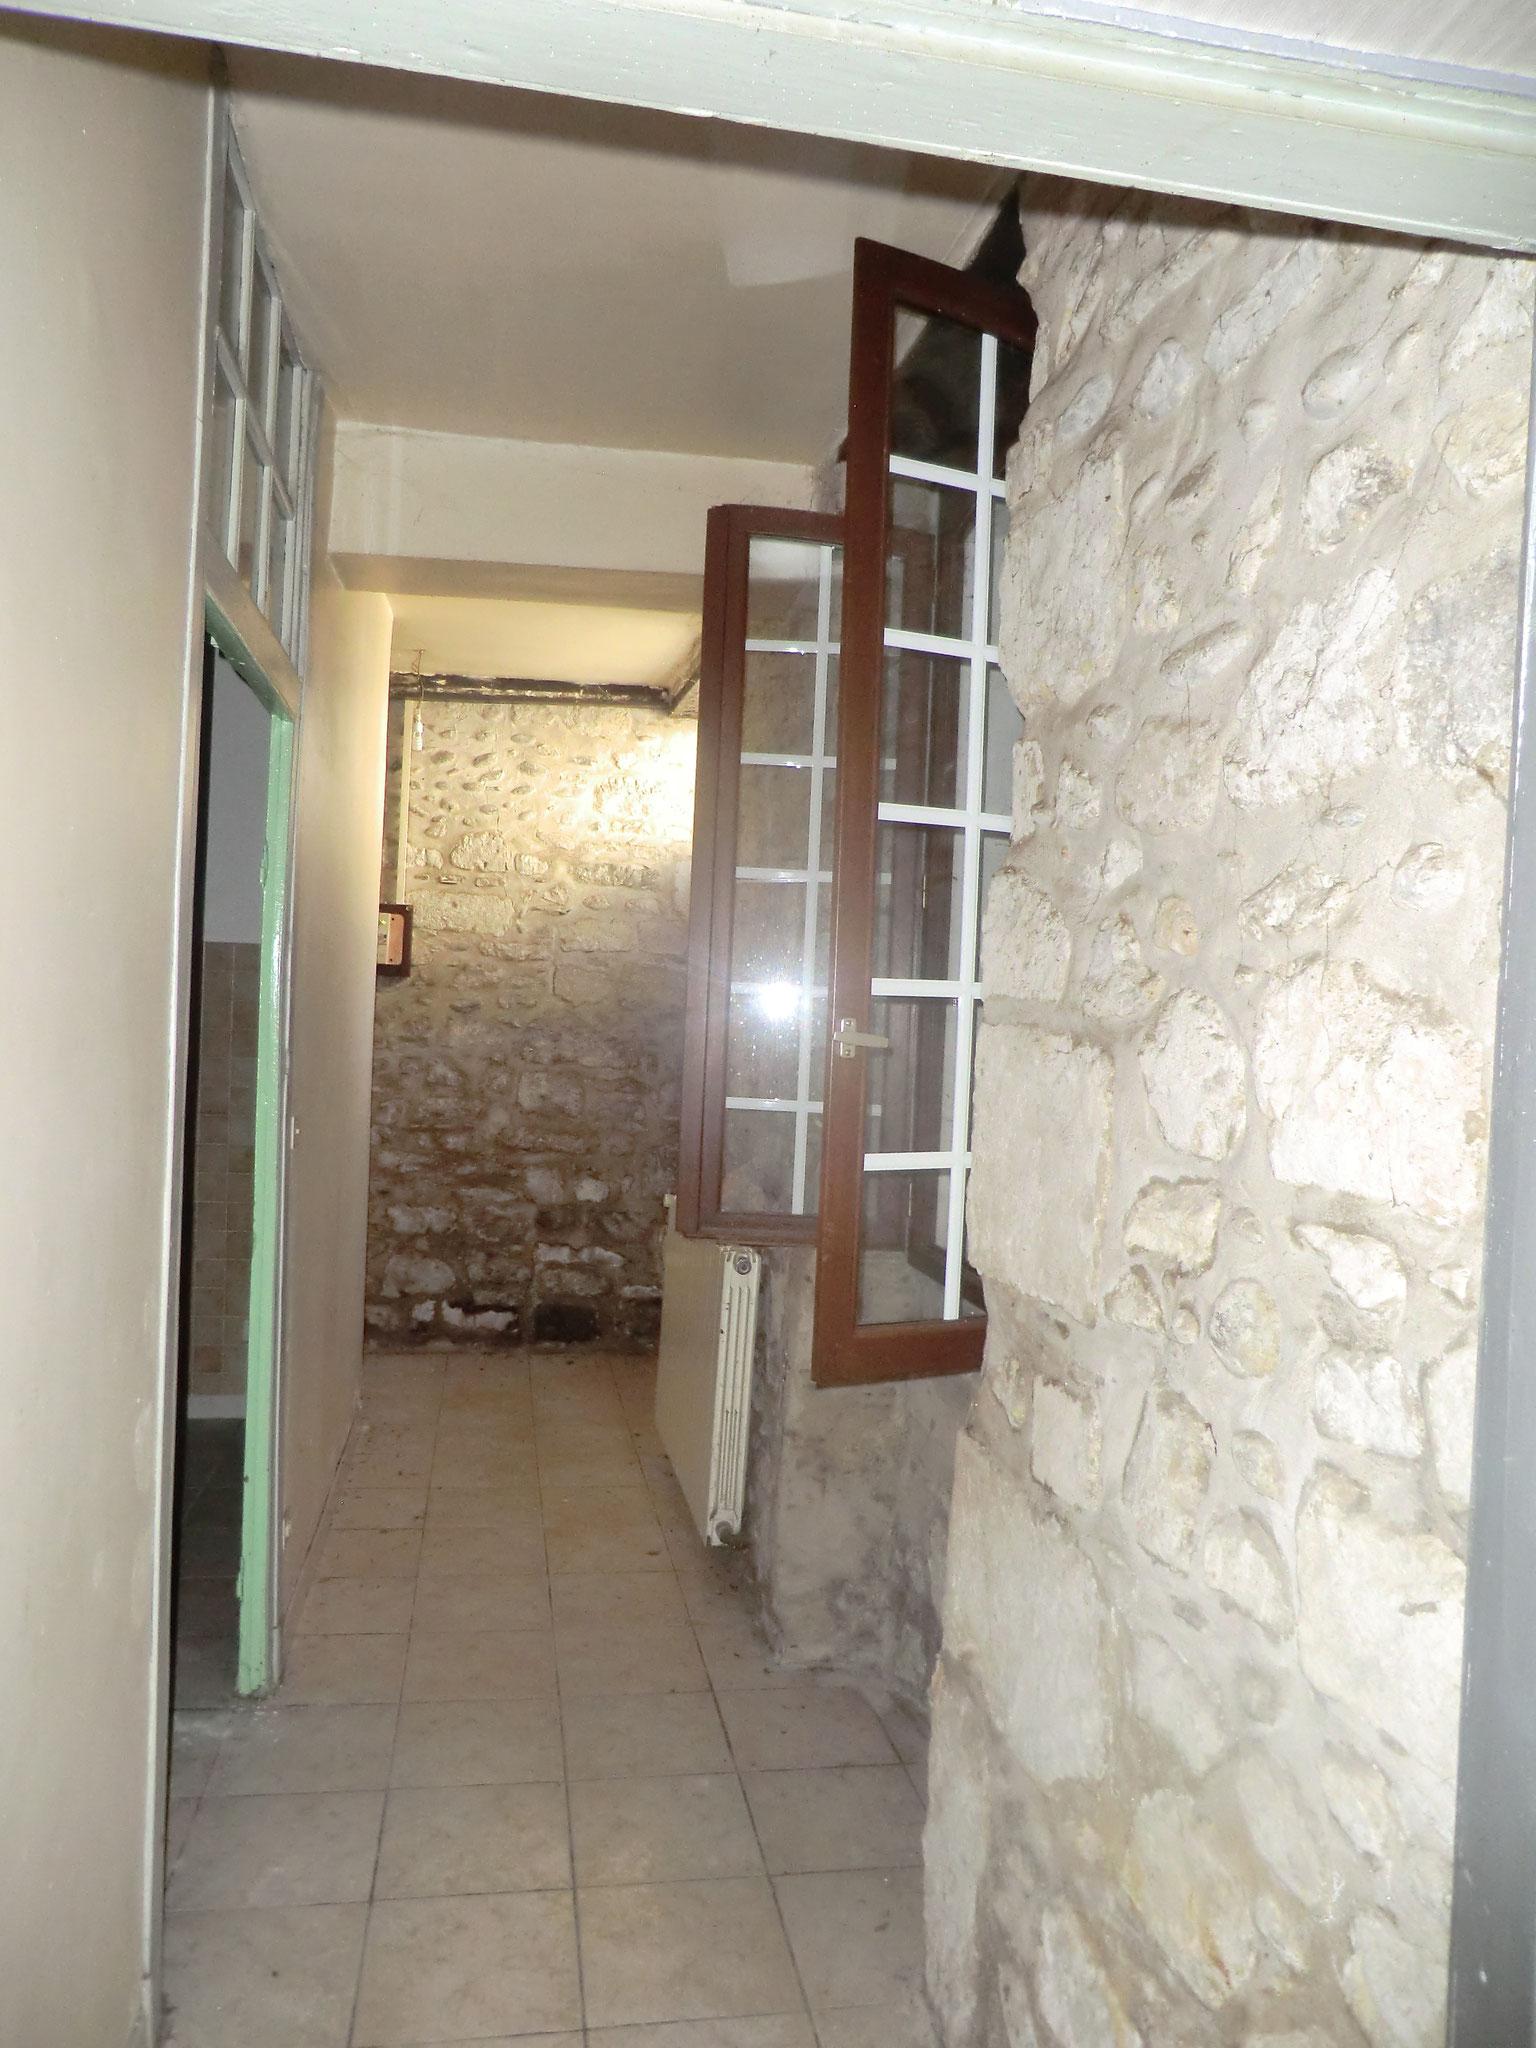 RDC - état initial du couloir (supprimé pour agrandir le futur salon)